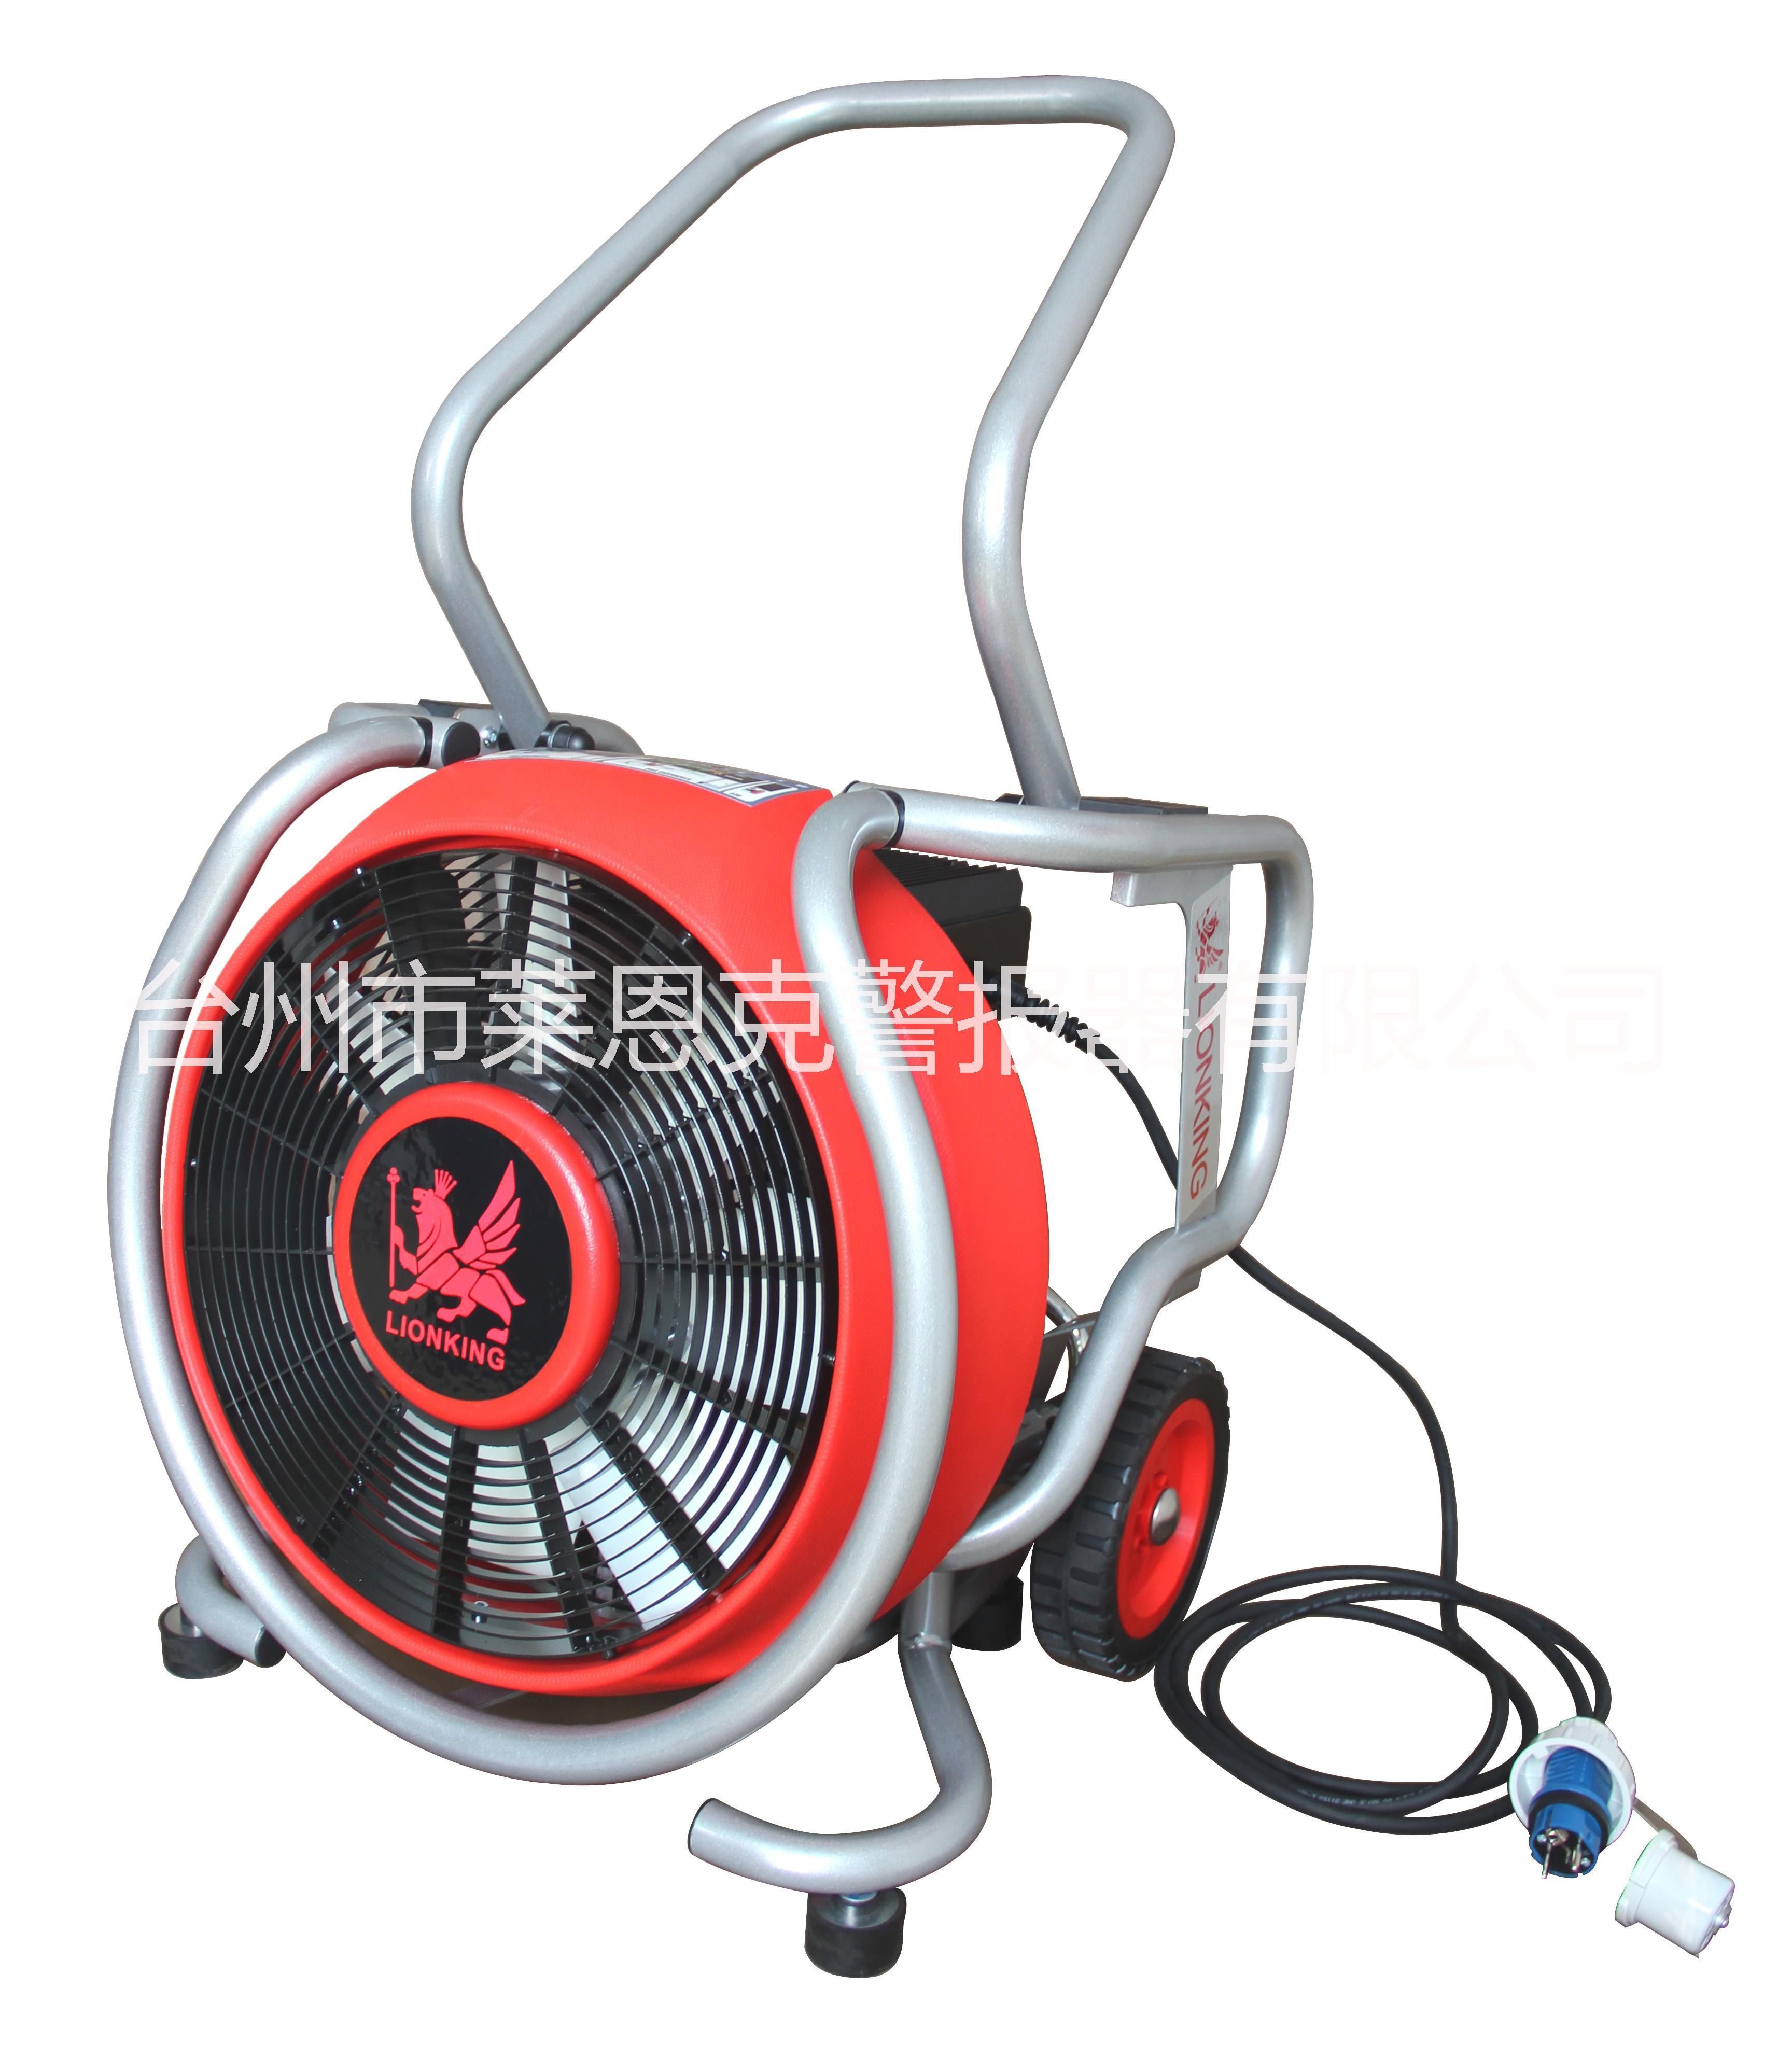 供应移动式电动消防排烟机正压式涡轮排烟风机变频式大风量可调ESV280